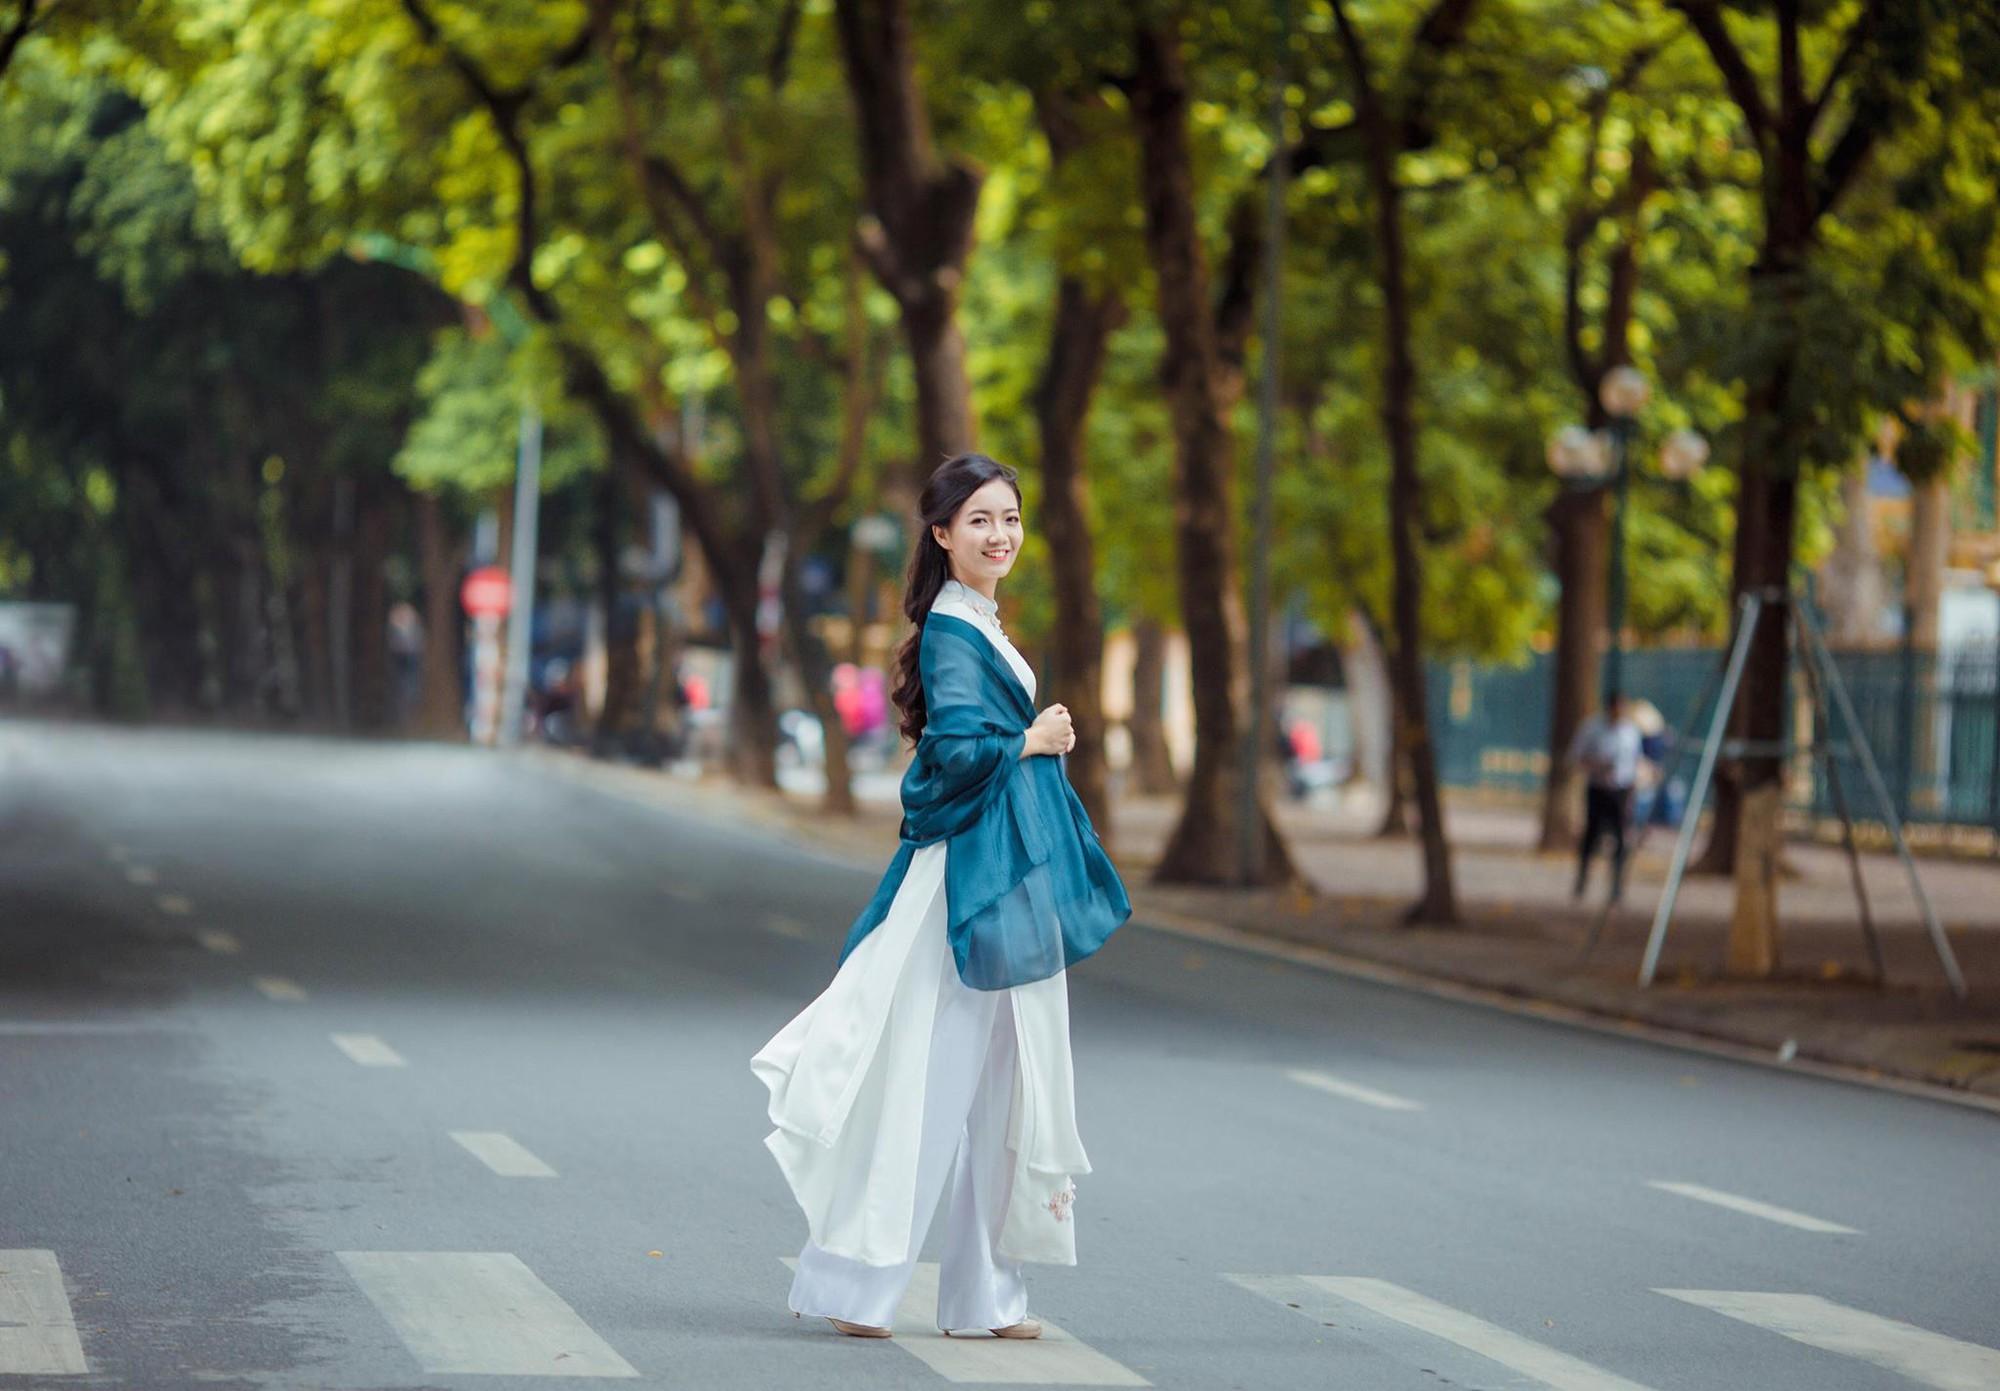 Hoa khôi, Á khôi tài sắc vẹn toàn chọn trở thành cô giáo, giảng viên ĐH - Ảnh 3.